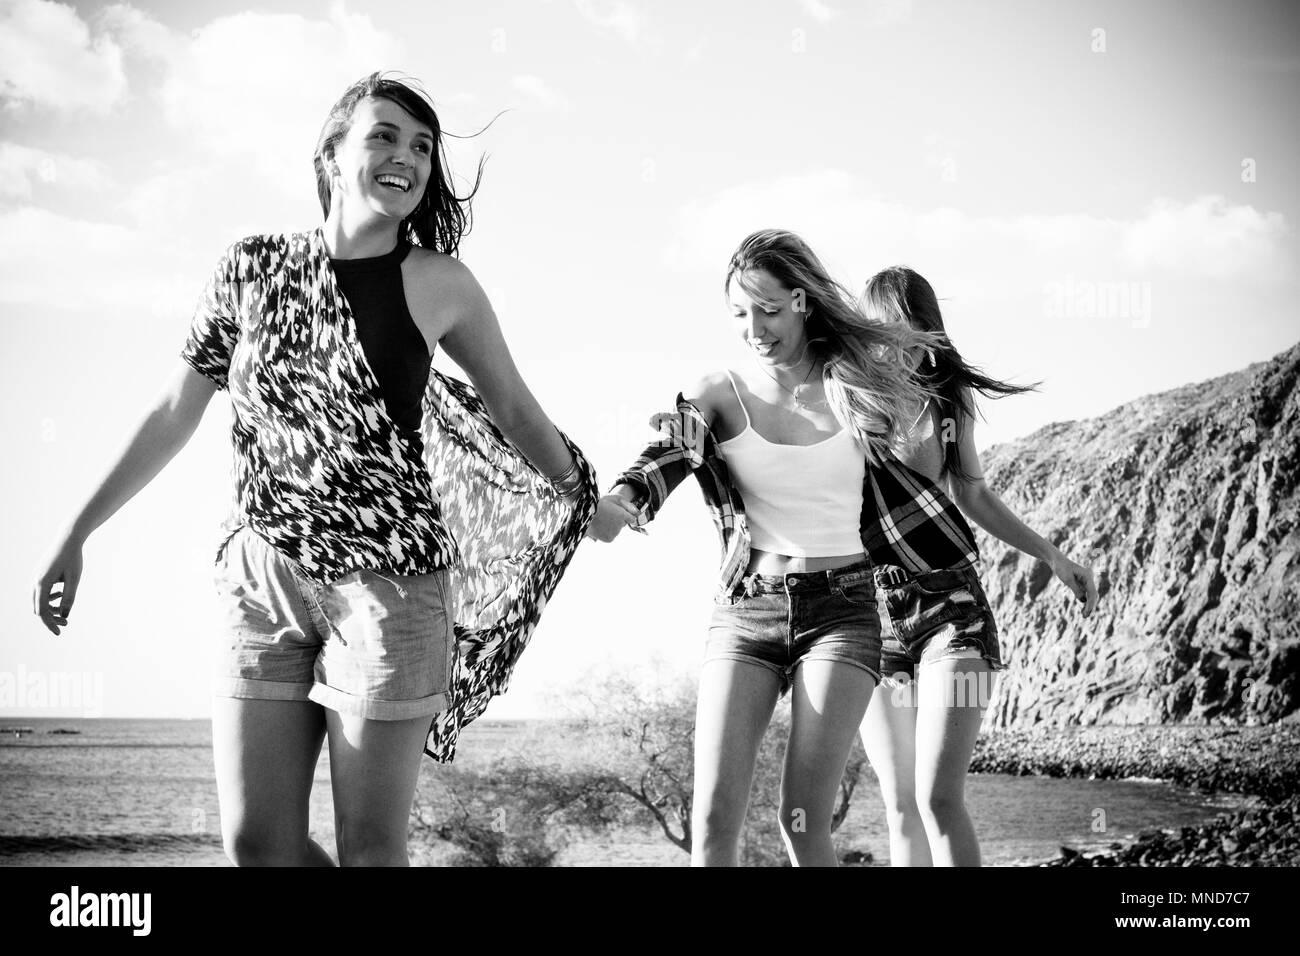 Drei junge Frauen, die Freunde gehen gemeinsam an einer Wand in der Nähe der Strand auf Teneriffa. Die Ferienhäuser unter einem blauen Himmel mit gelben Sonne genießen. Hände von den Händen. Stockbild